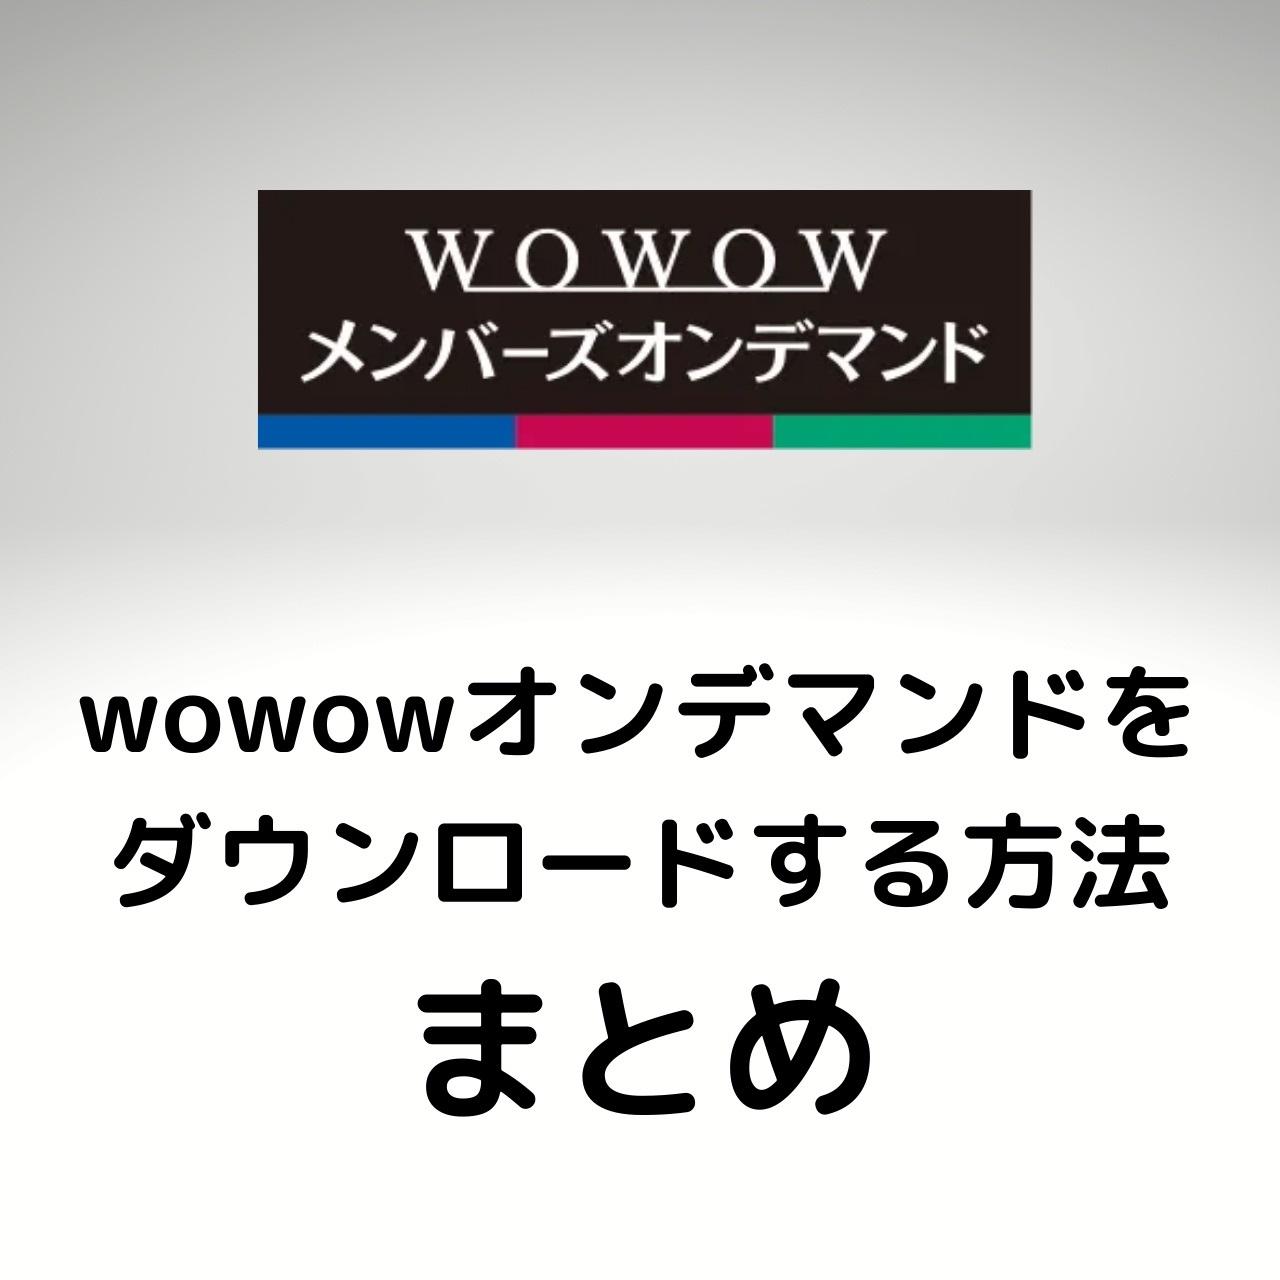 wowowオンデマンドをダウンロードする方法 まとめ